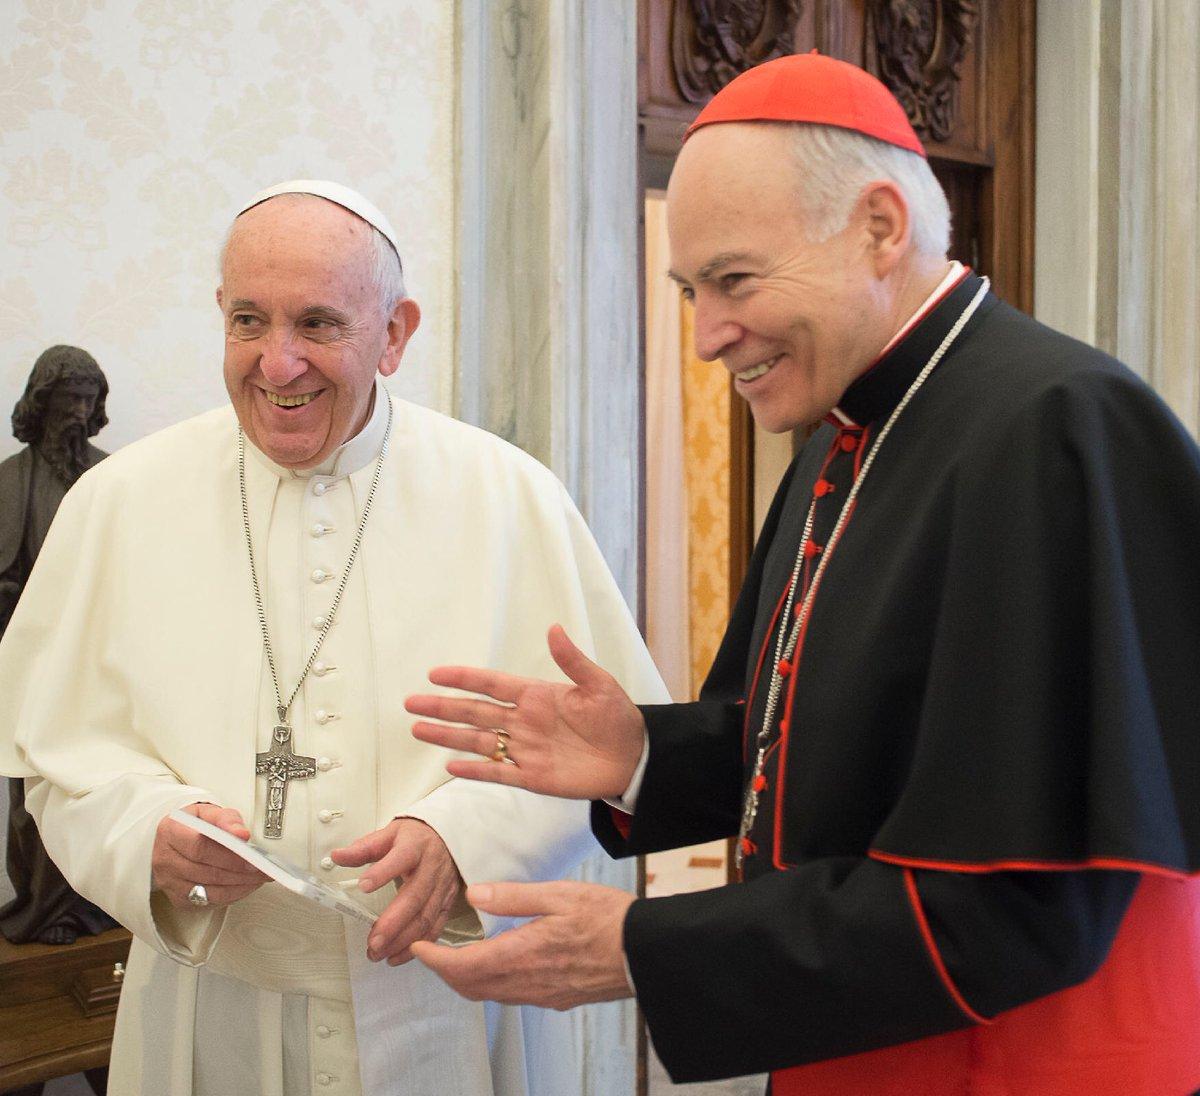 Me uno a las felicitaciones al Santo Padre @pontifex por sus 5 años de Pontificado. Cuente con mis oraciones y las de su pueblo en la Ciudad de México.